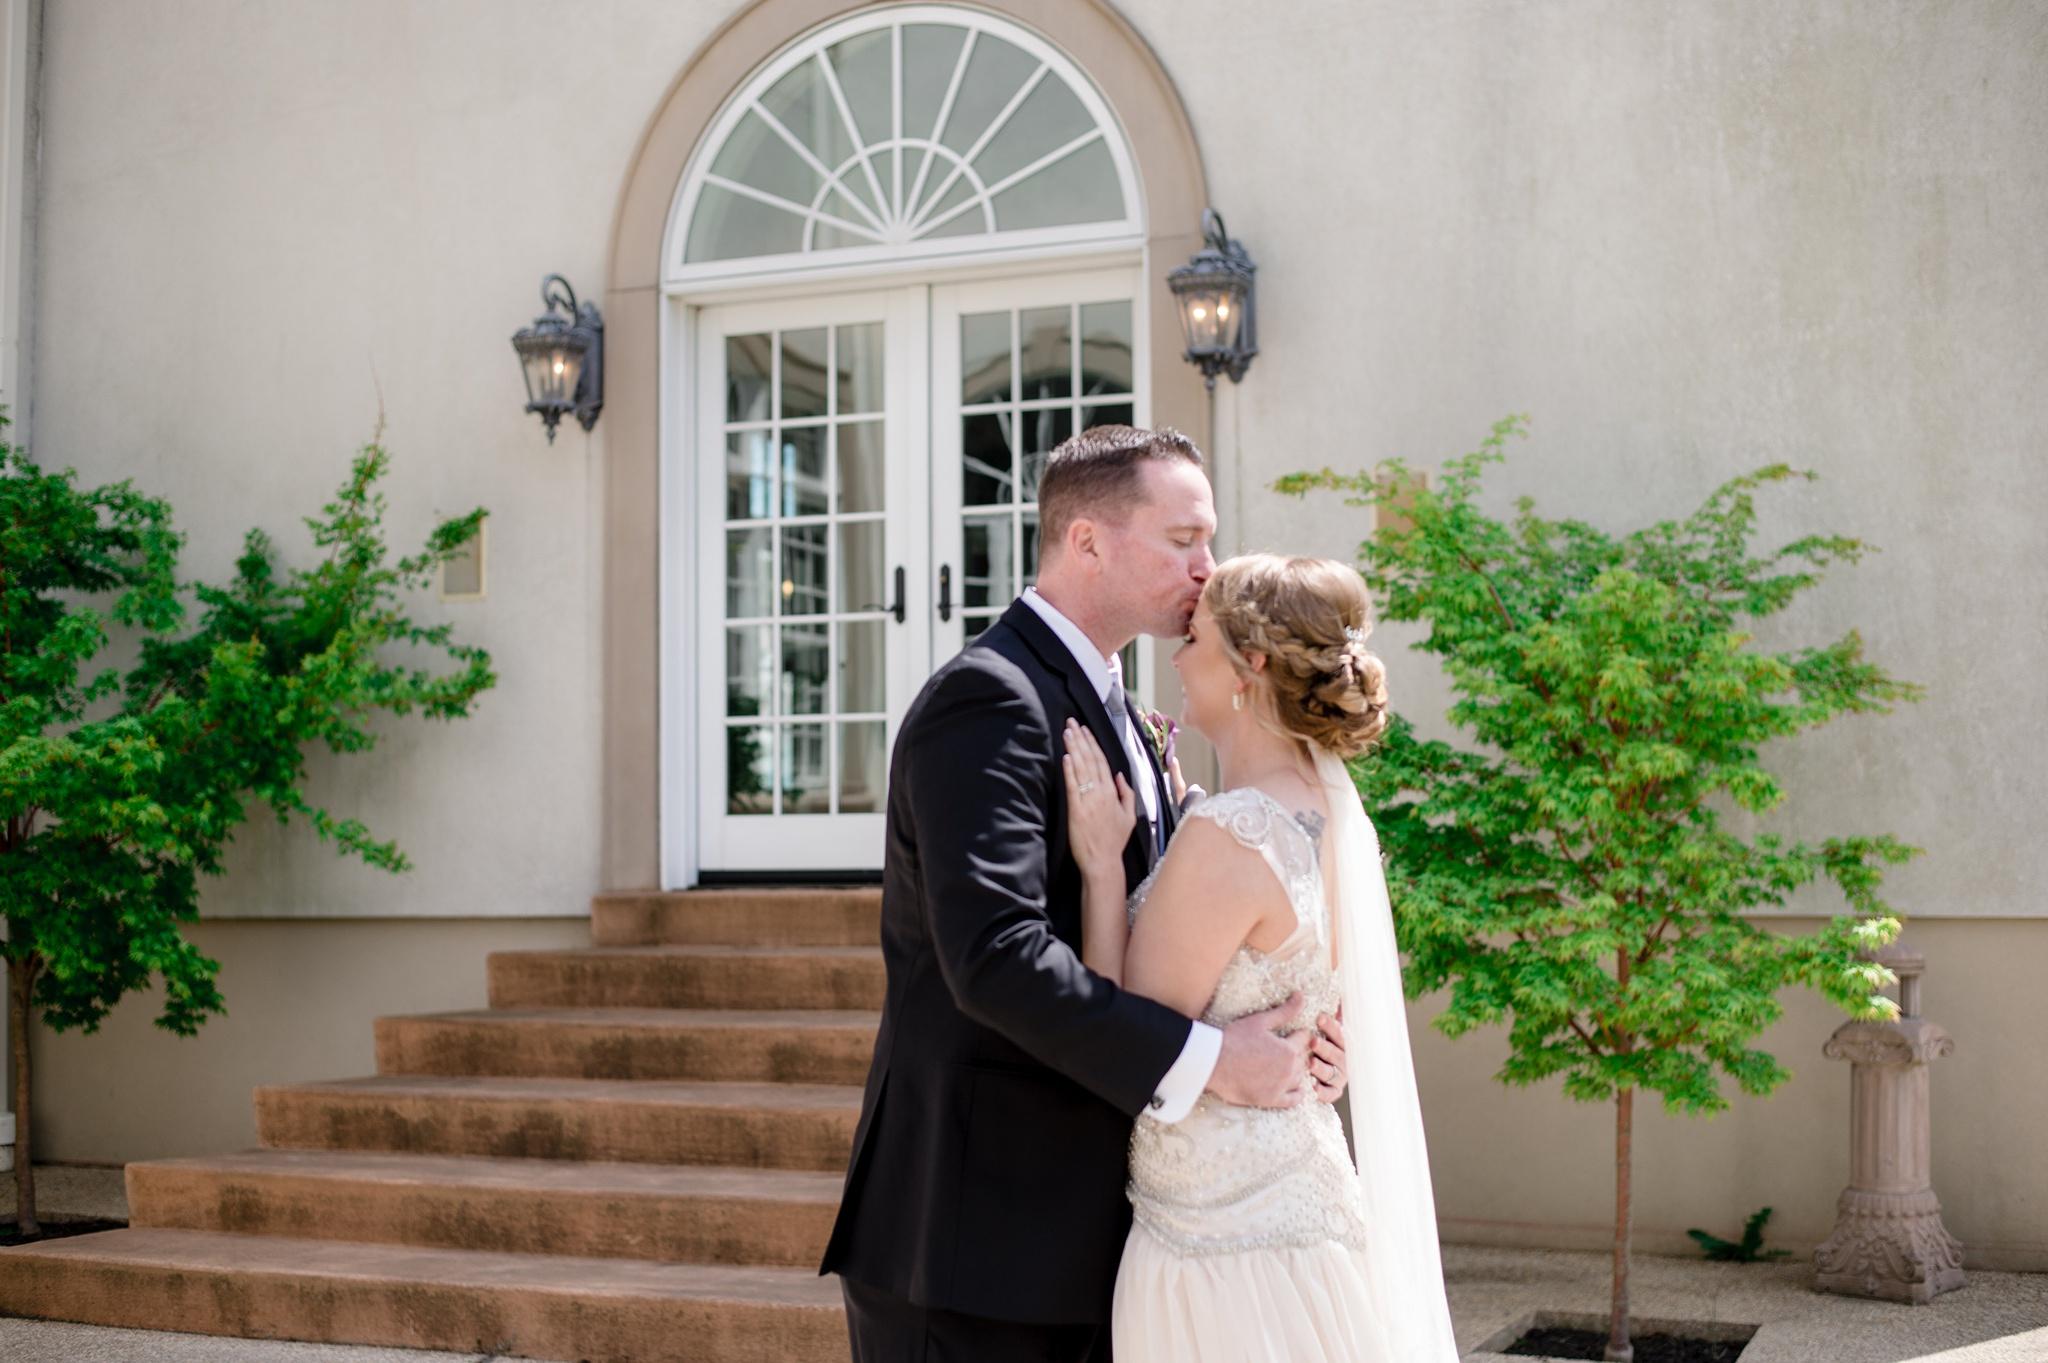 KelliandJohn.Married-171.jpg